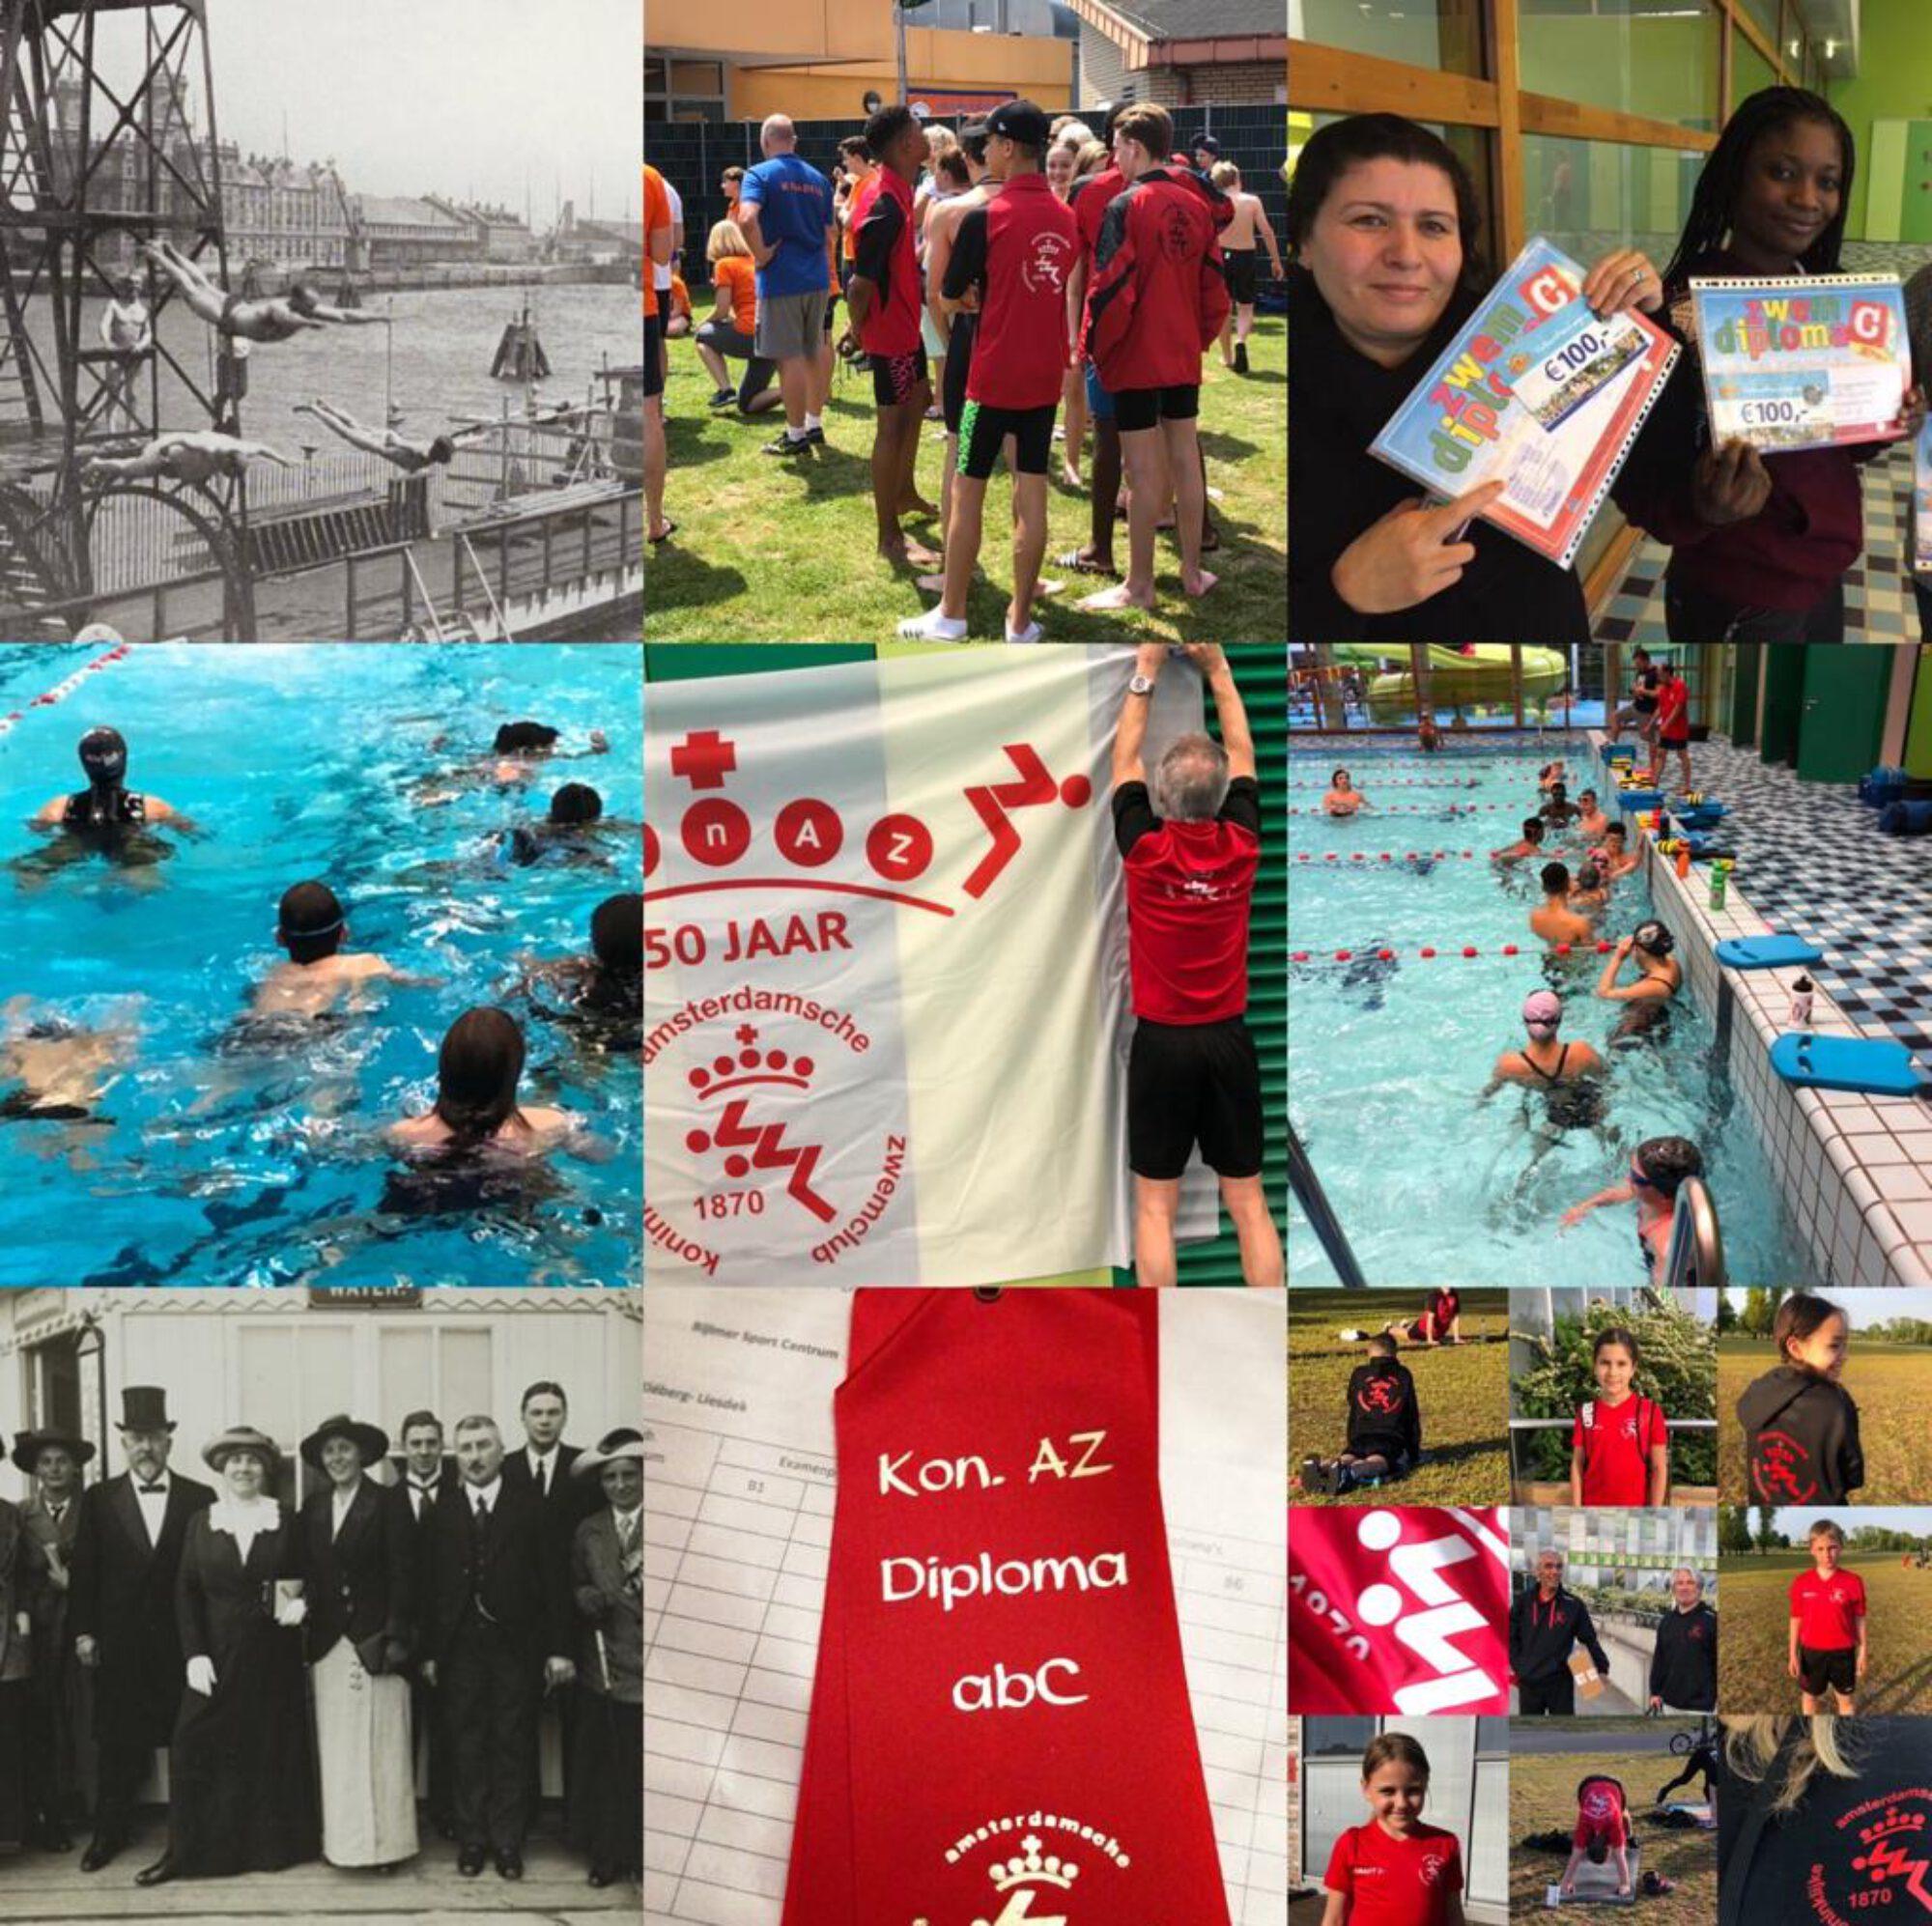 150 JAAR Koninklijke Amsterdamsche ZwemClub 1870